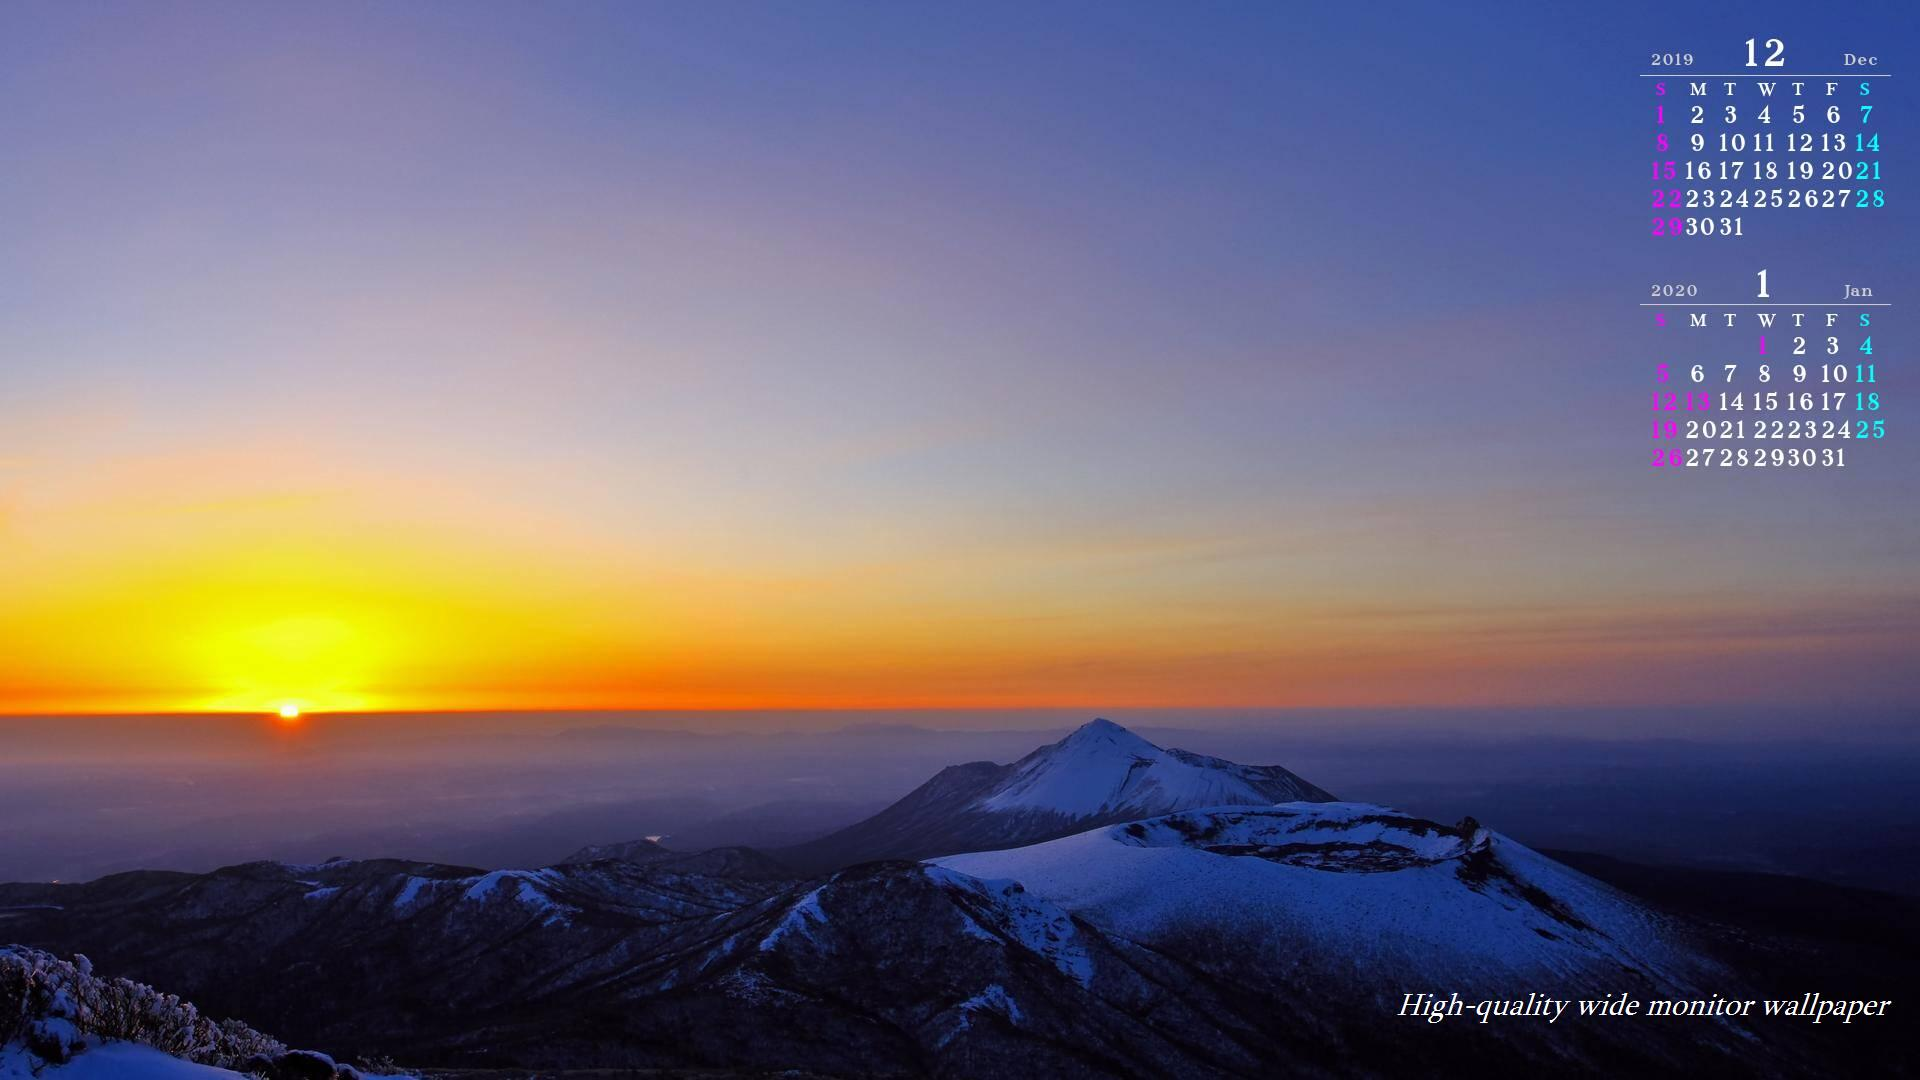 霧島連山と朝陽をモチーフにしました19年12月年1月のカレンダー付きワイドモニター高画質壁紙 19 1080 アスペクト比16 9霧島連山 自然風景 星景写真 花 山野草